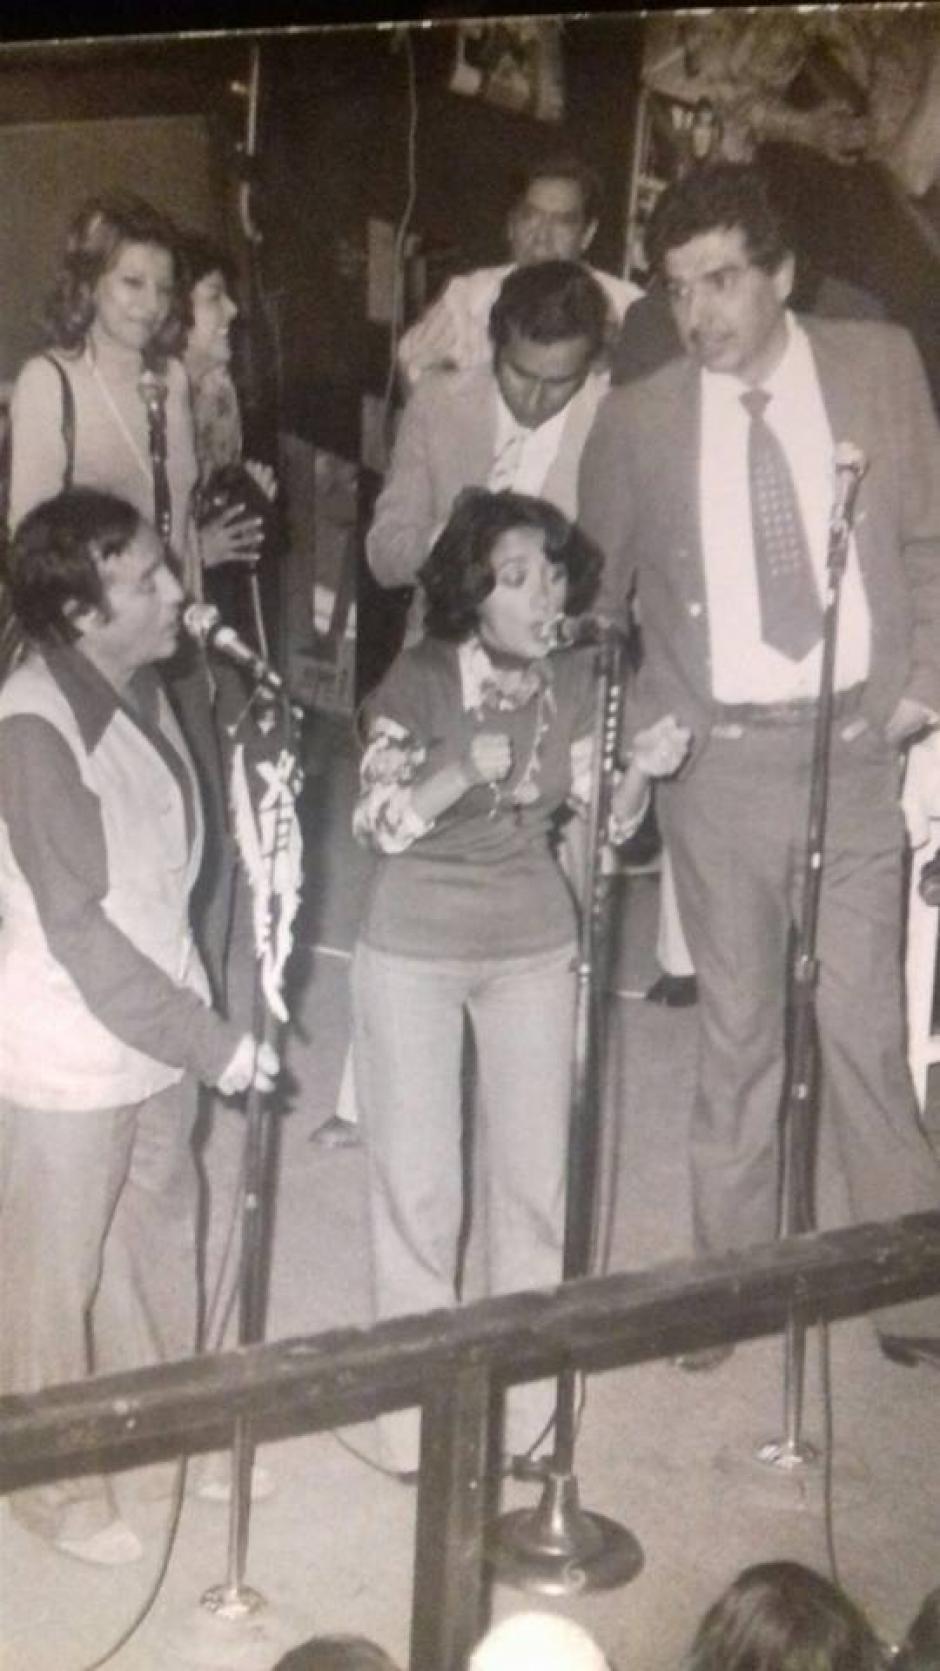 La ocasión en la que María Antonieta cantó sorpresivamente. (Foto: Facebook/La Chilindrina)